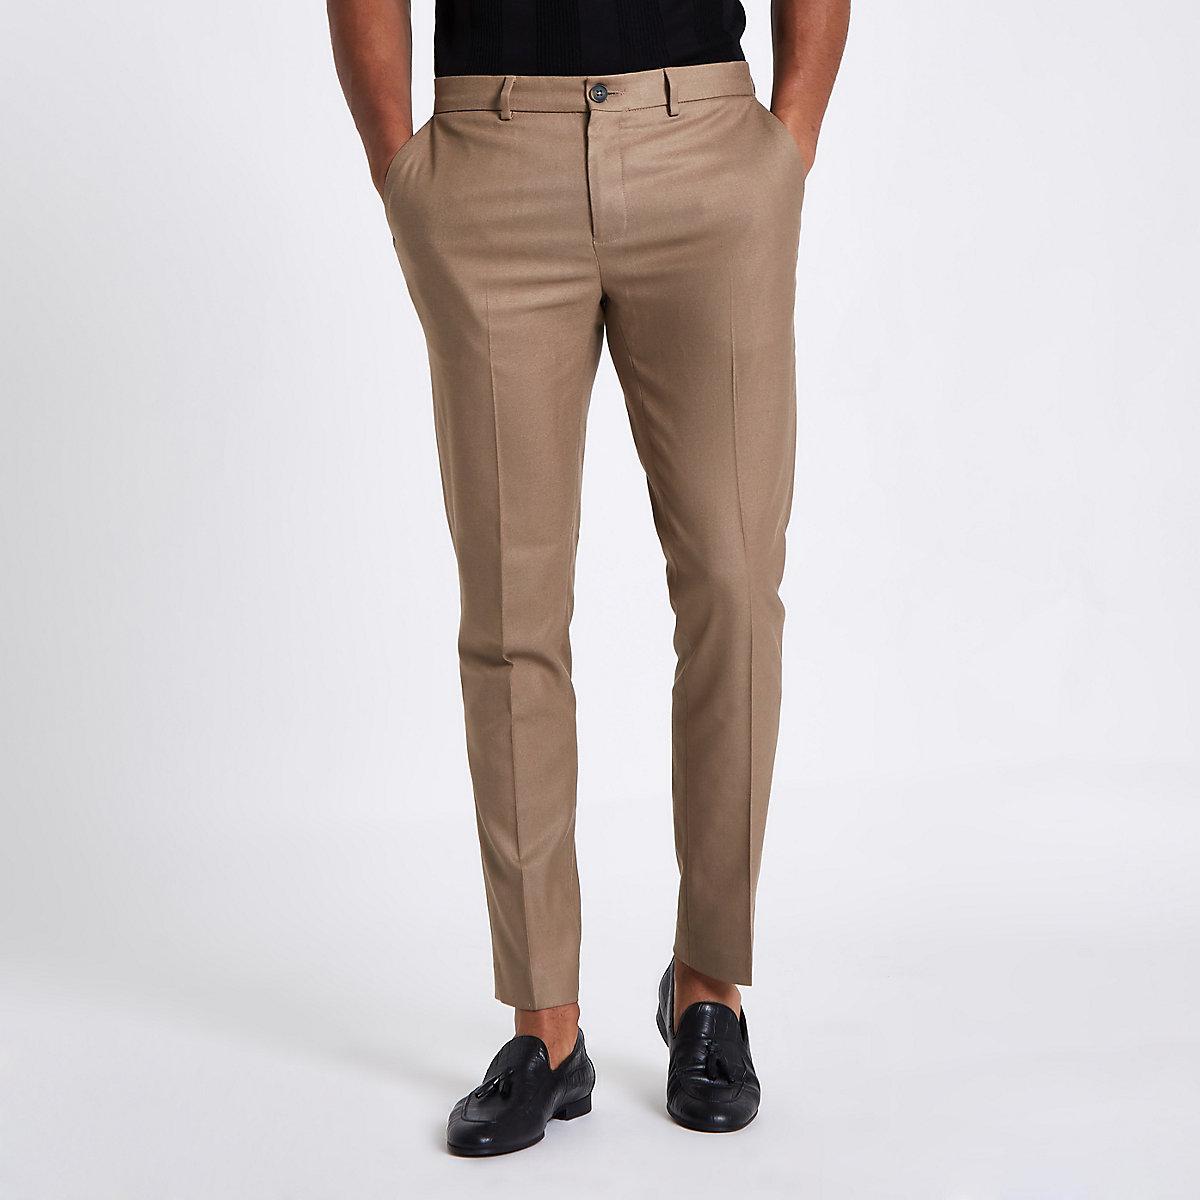 Tan skinny fit smart pants